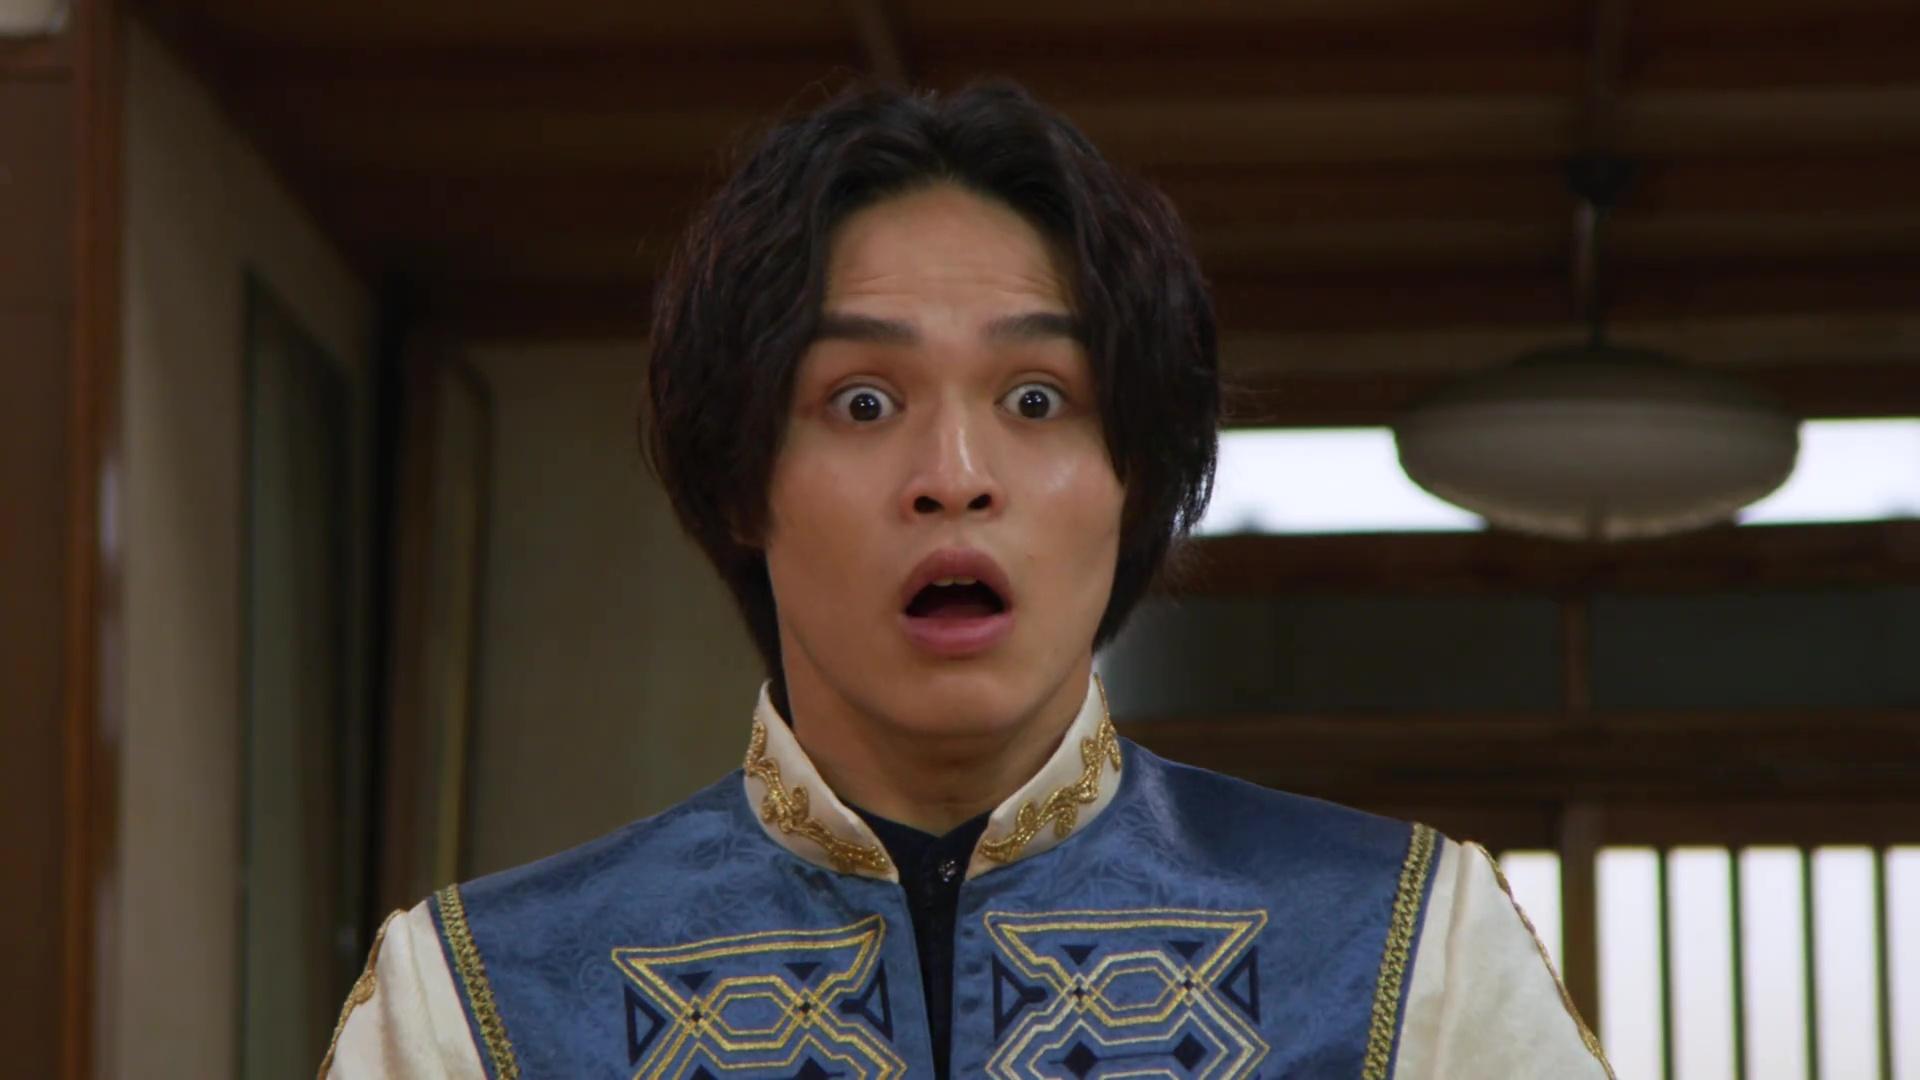 Kishiryu Sentai Ryusoulger Episode 24 Recap